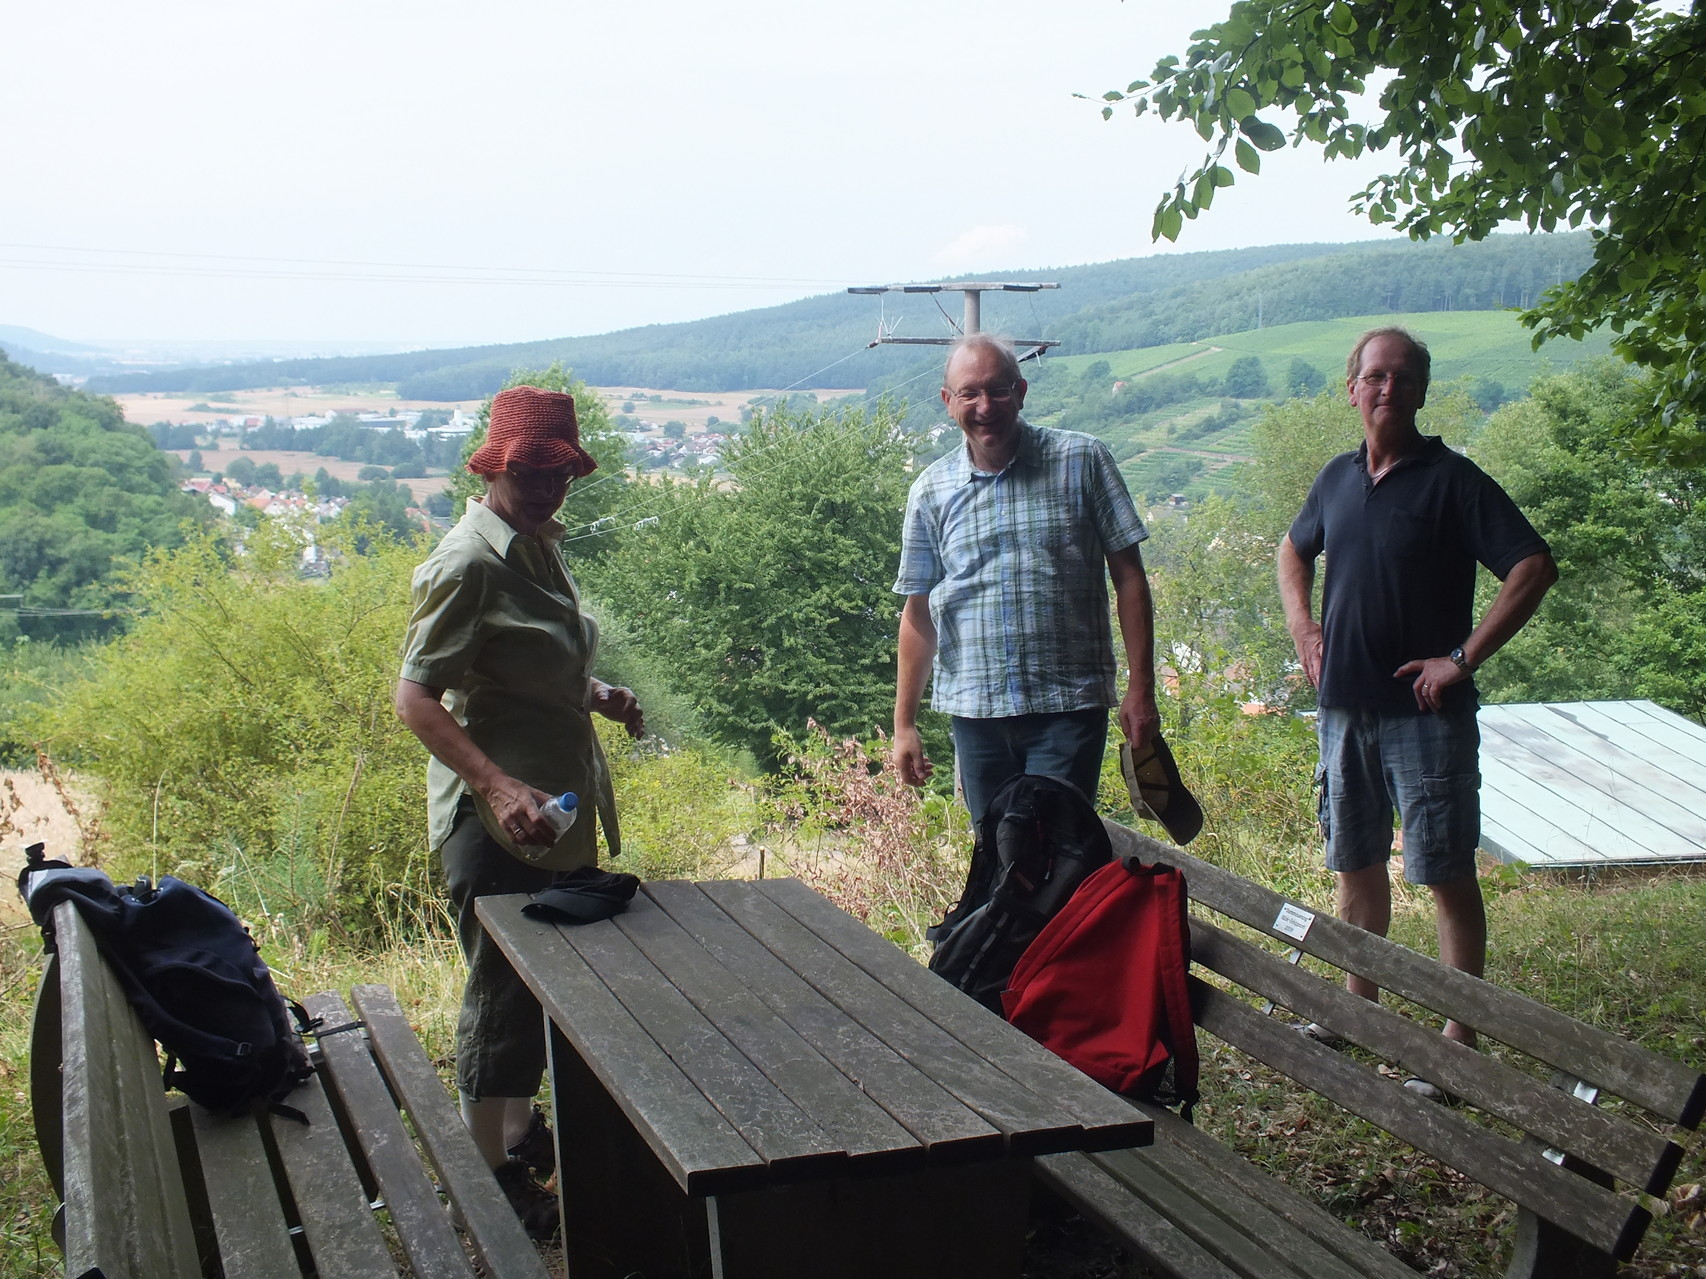 Wanderung zum Modellflugtag in Rück-Schippach